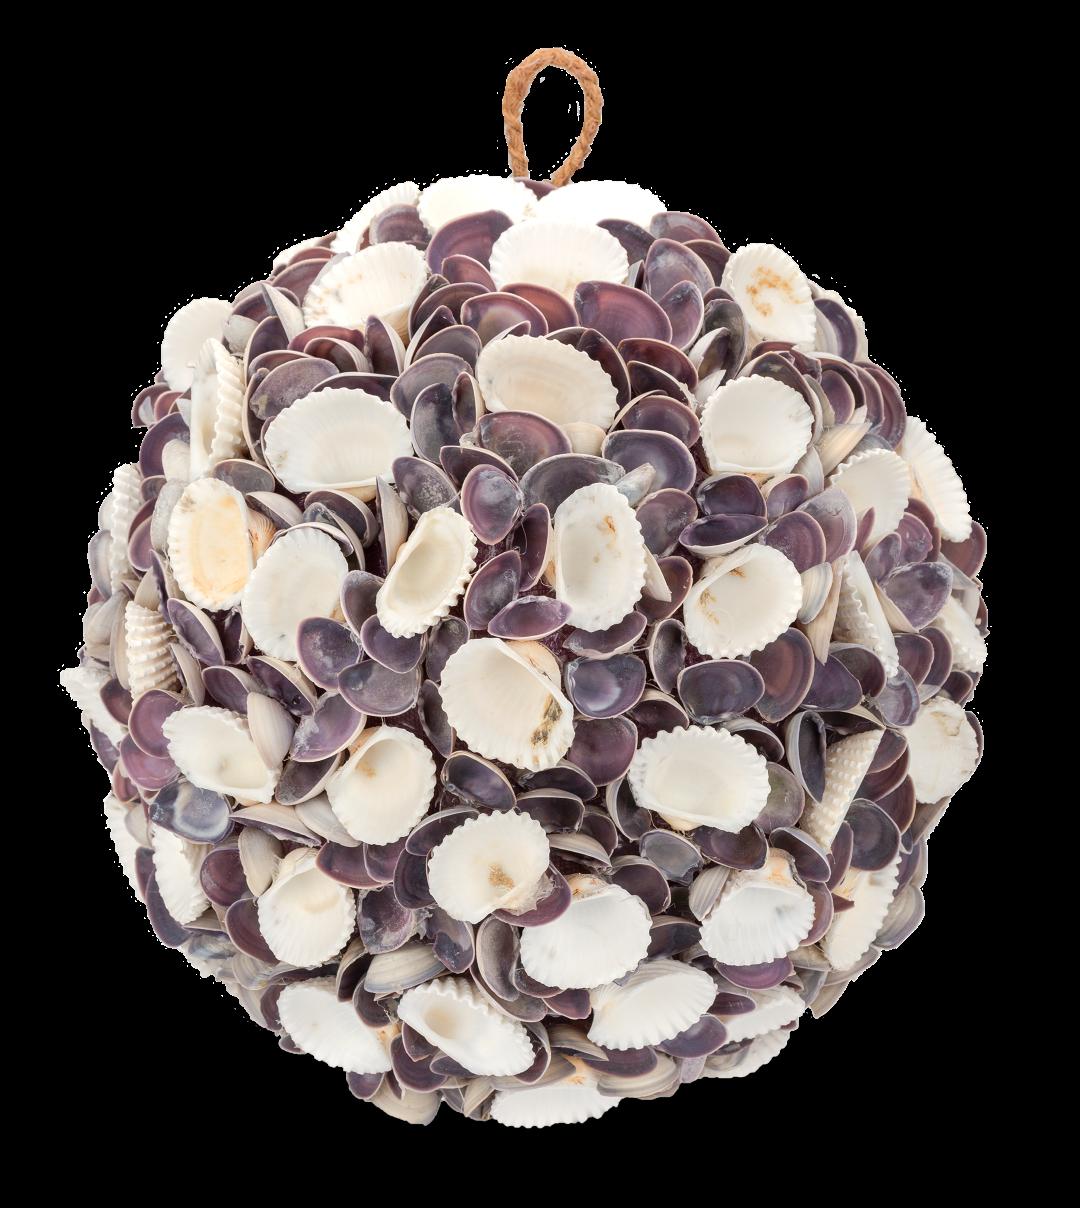 Muschelkugel white & violett Chippi Ø 25cm